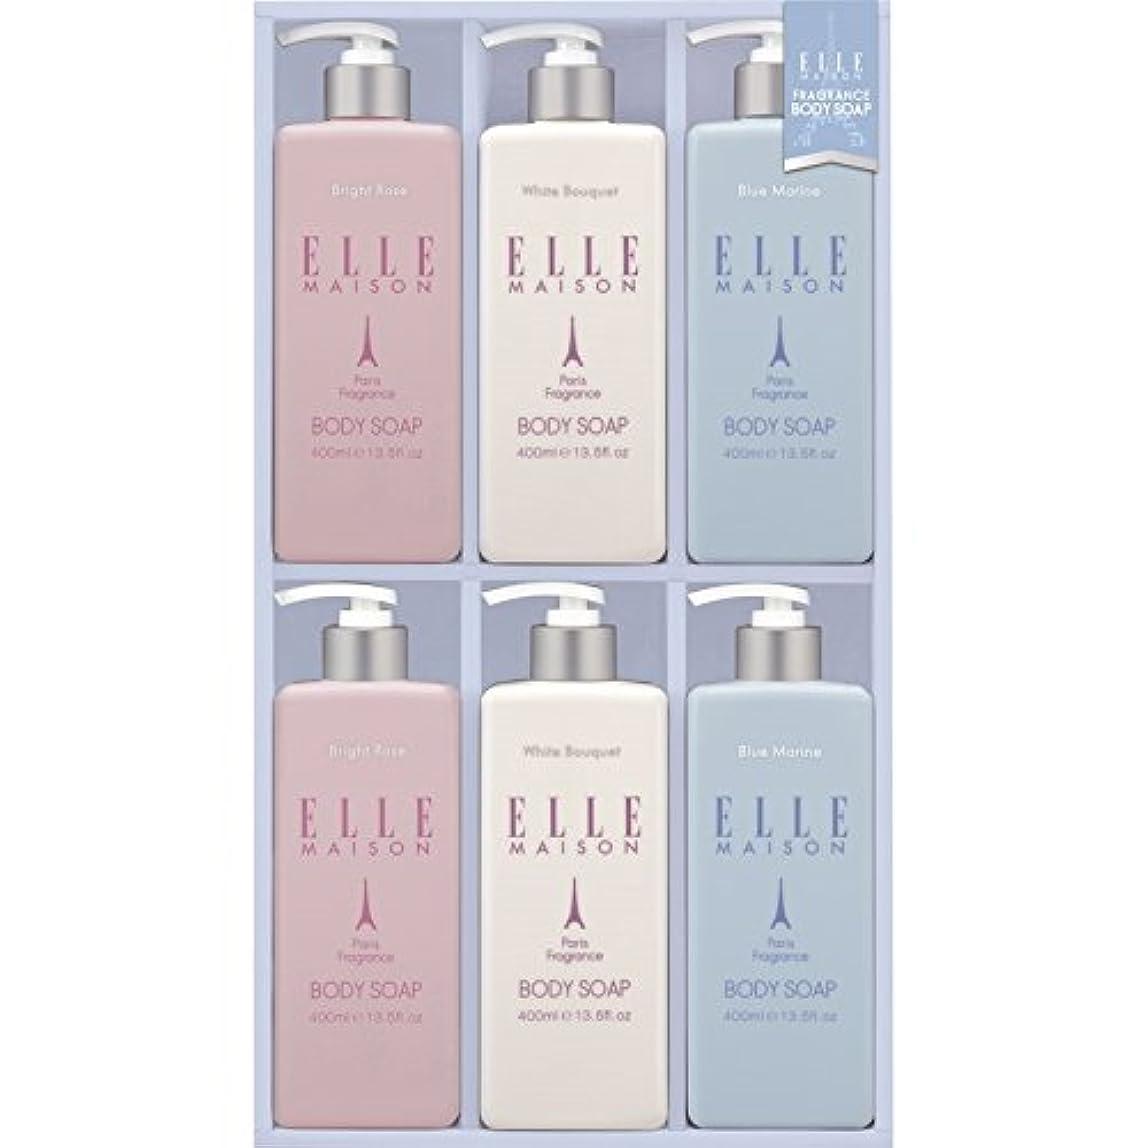 キネマティクス広告主空ELLE MAISON ボディソープギフト EBS-30 【保湿 いい匂い うるおい 液体 しっとり 良い香り やさしい 女性 贅沢 全身 美肌 詰め合わせ お風呂 バスタイム 洗う 美容】